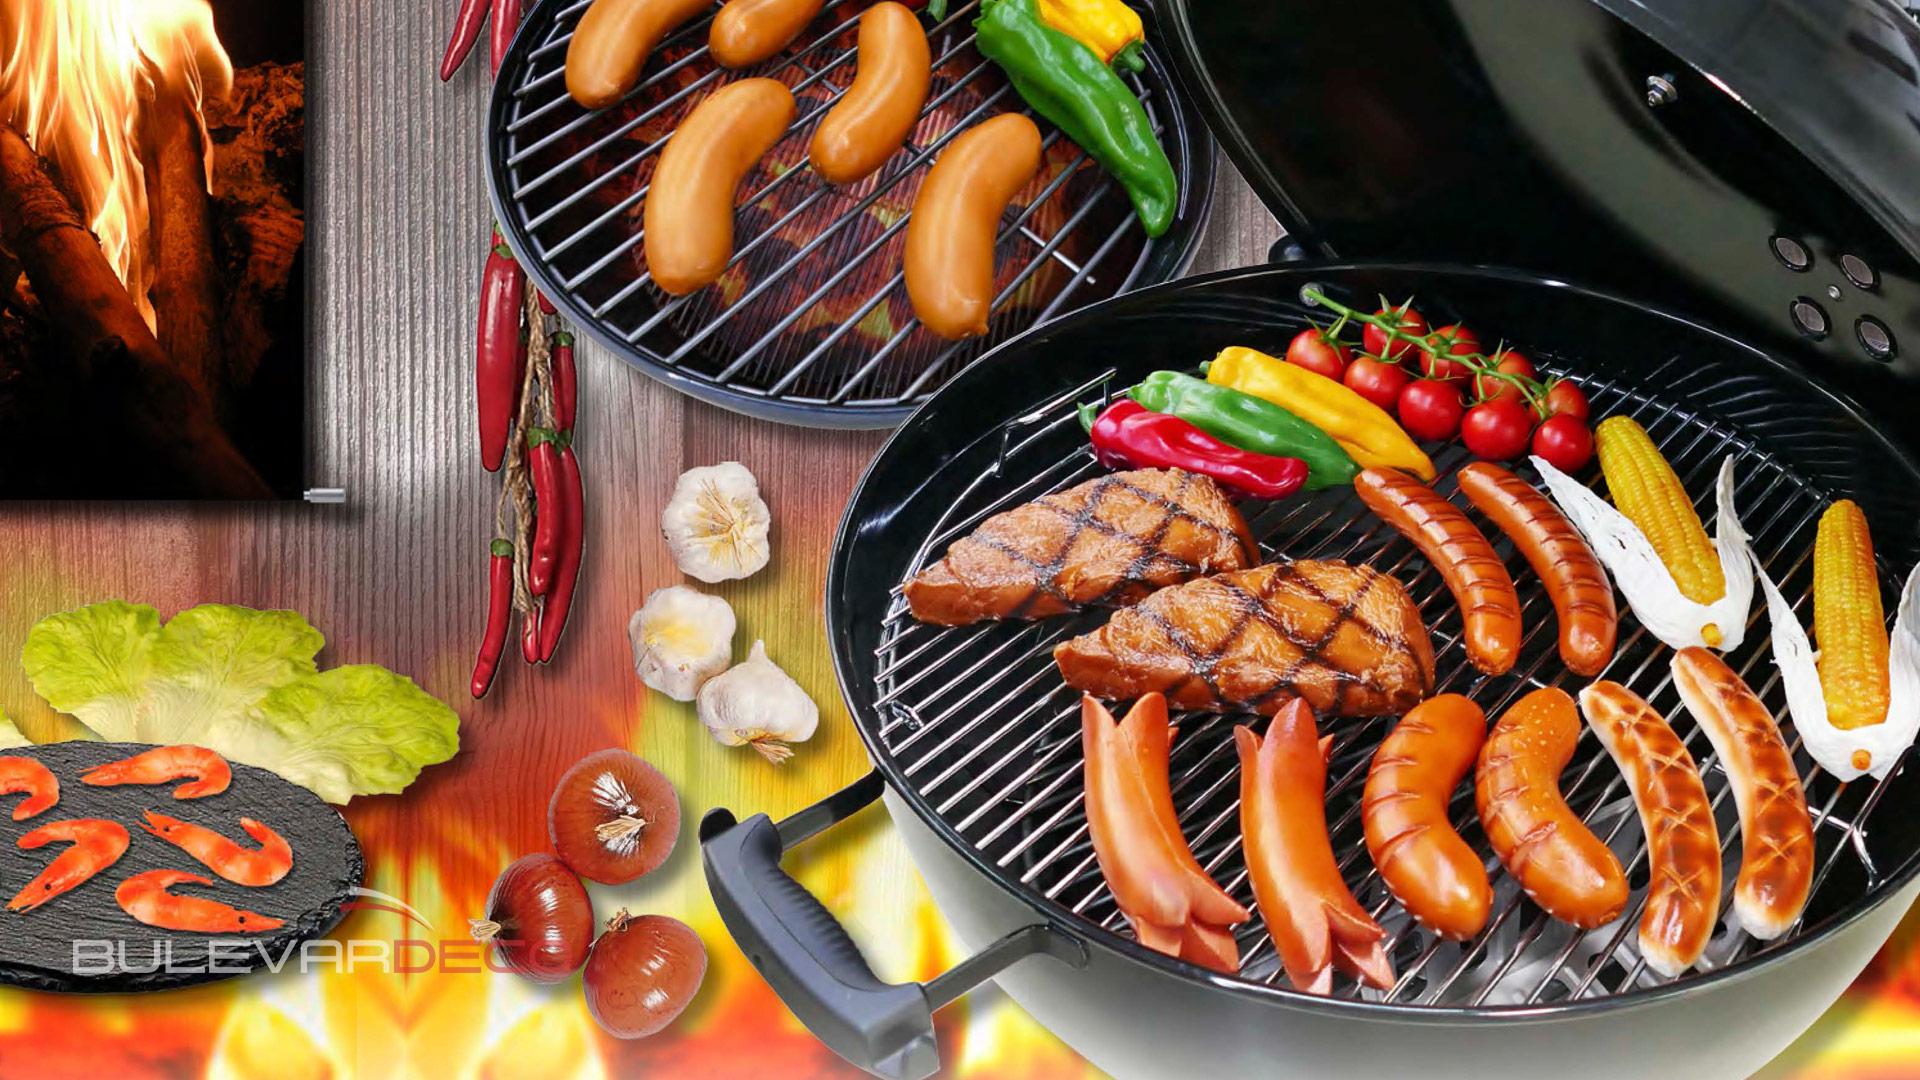 Réplica de comida, alimentos ficticios, imitación de alimentos, comida para decorar de plástico, réplica de alimentos en resina.